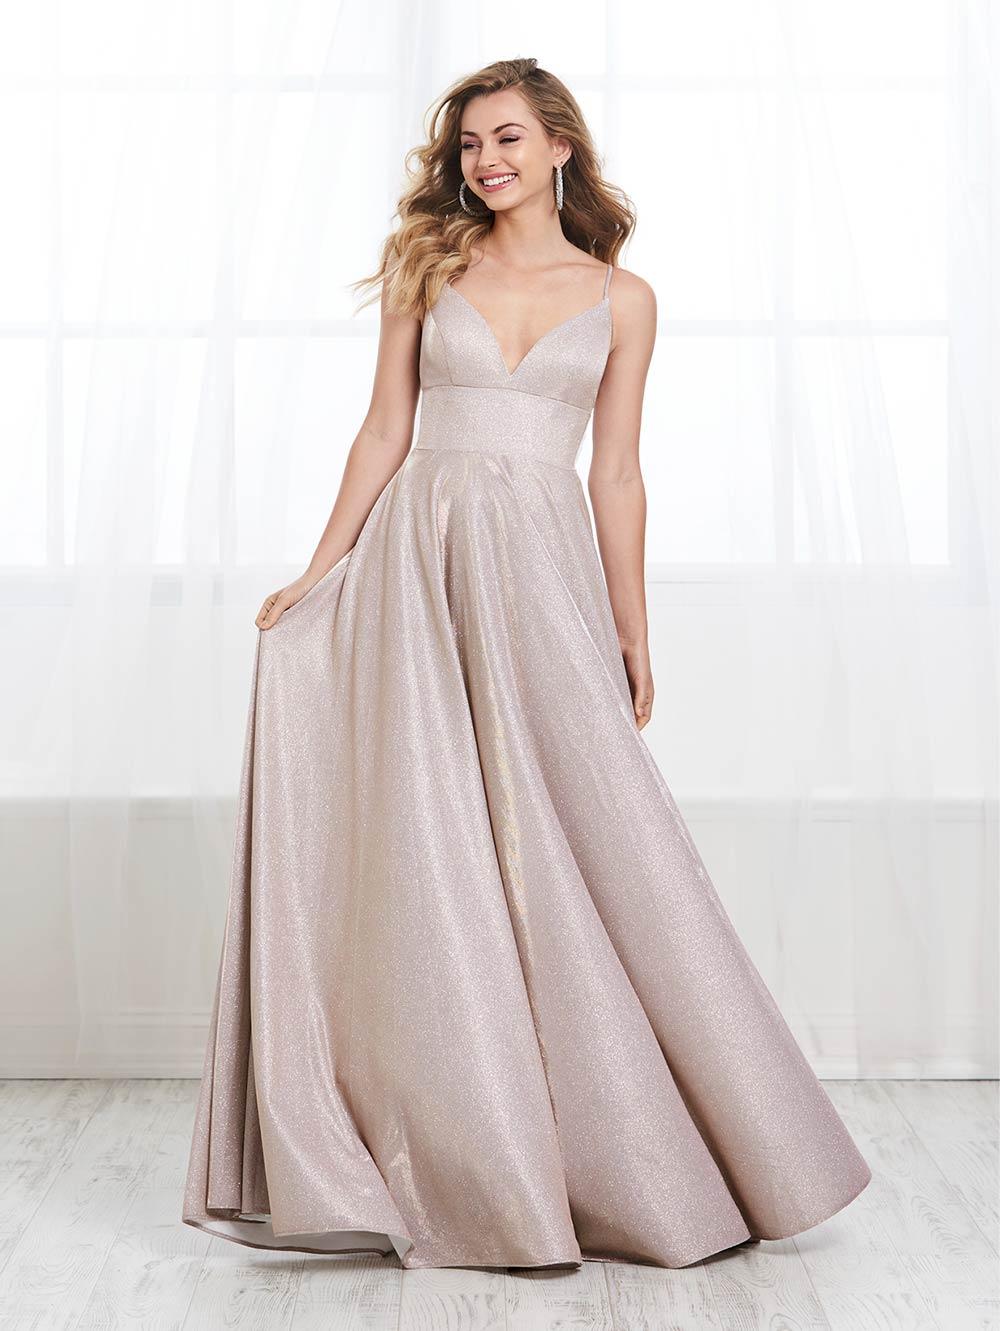 prom-dresses-jacquelin-bridals-canada-27677